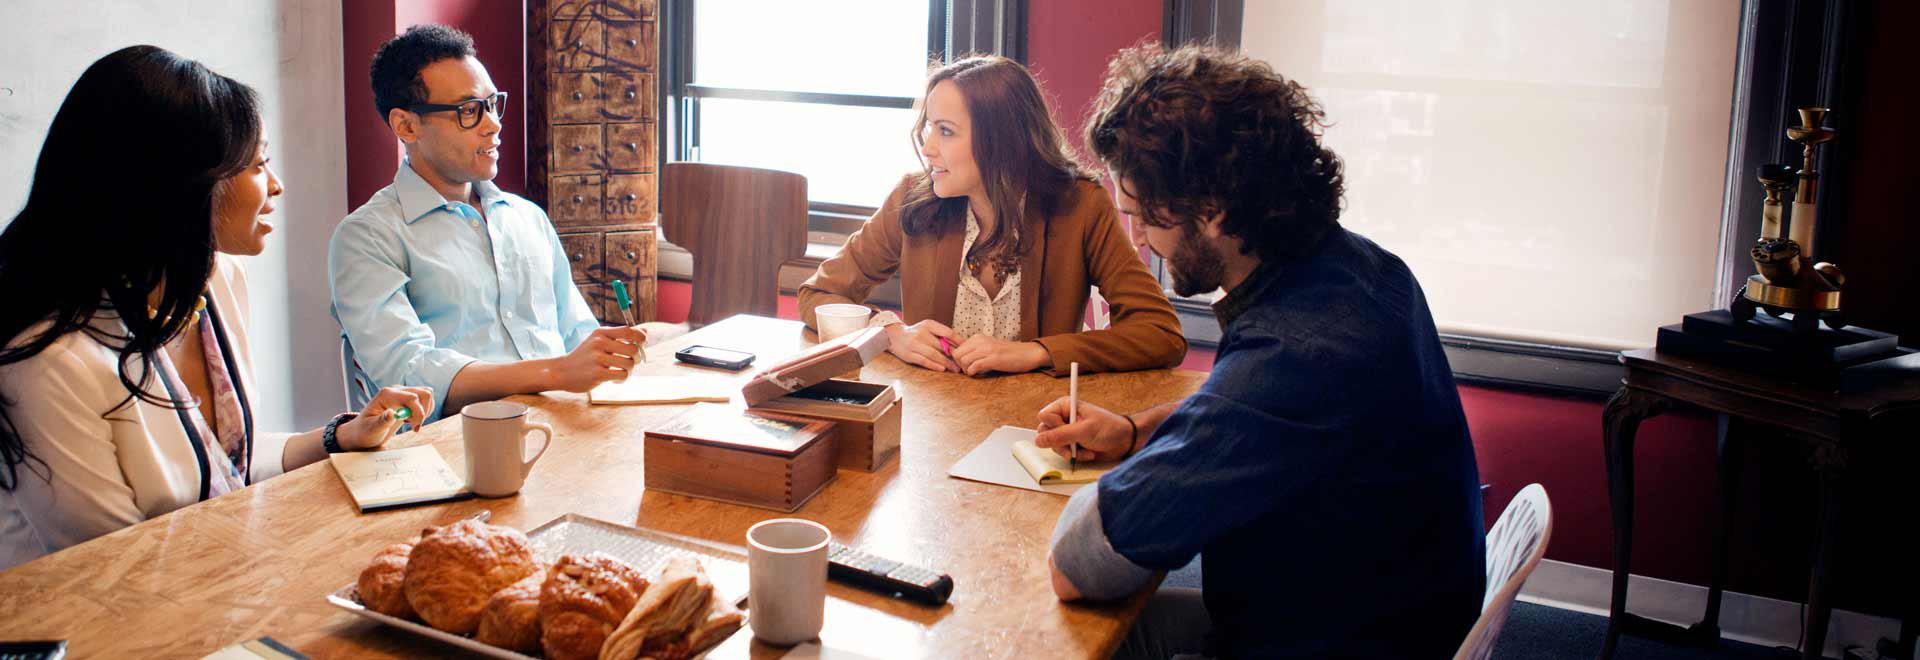 ארבעה אנשים עובדים במשרד ומשתמשים ב- Office 365 Enterprise E3.